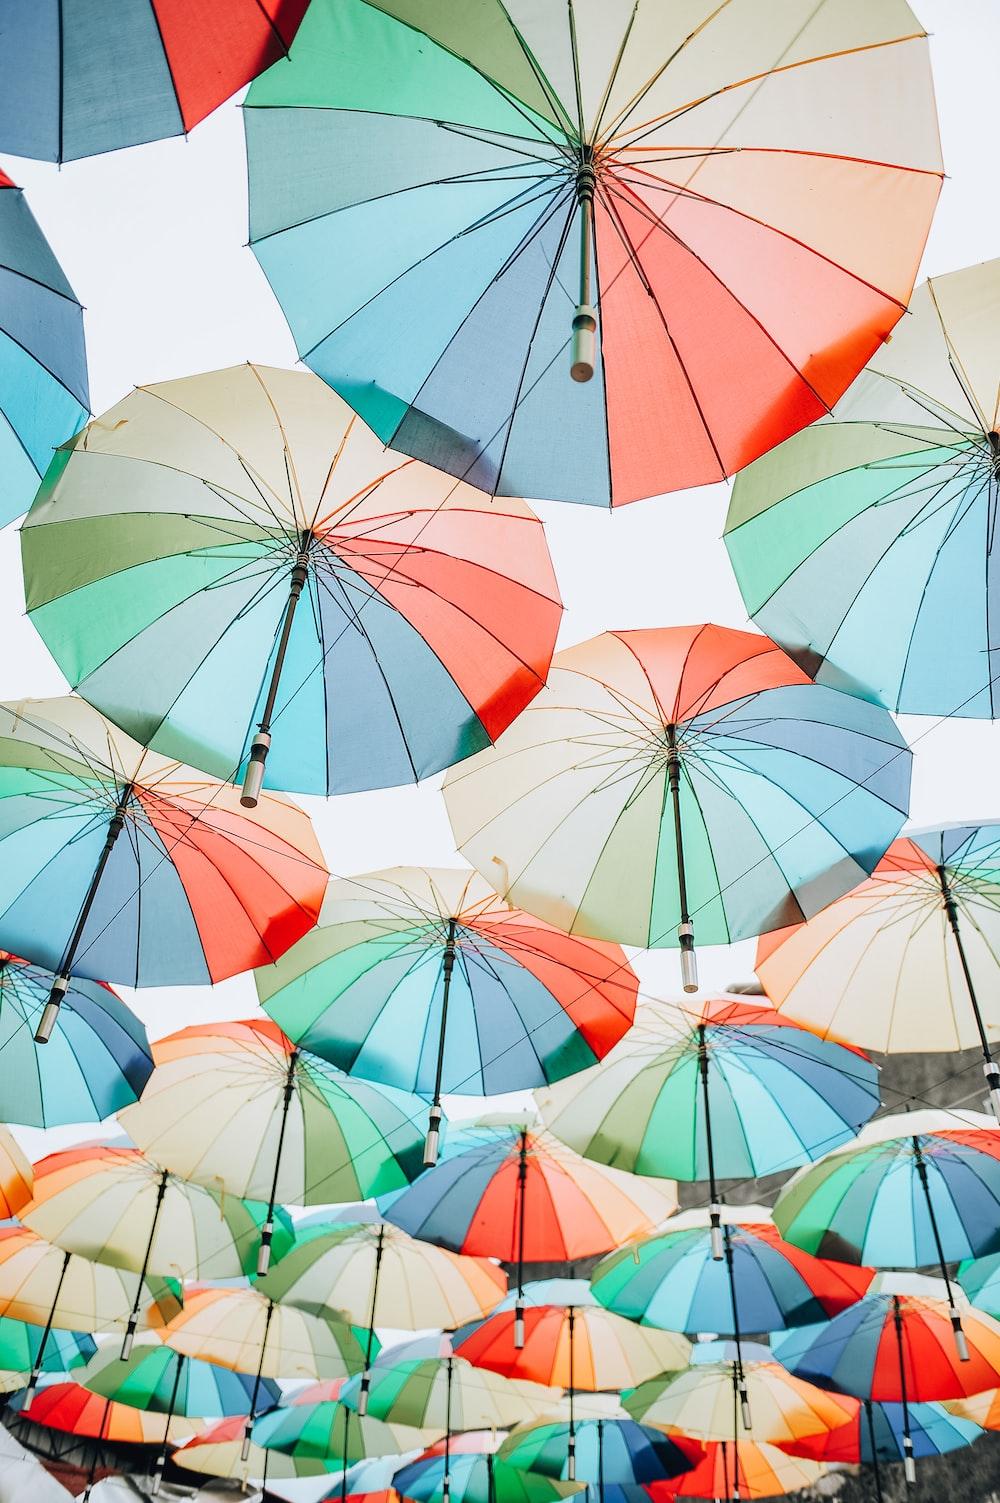 pink umbrellas hanging on white string during daytime